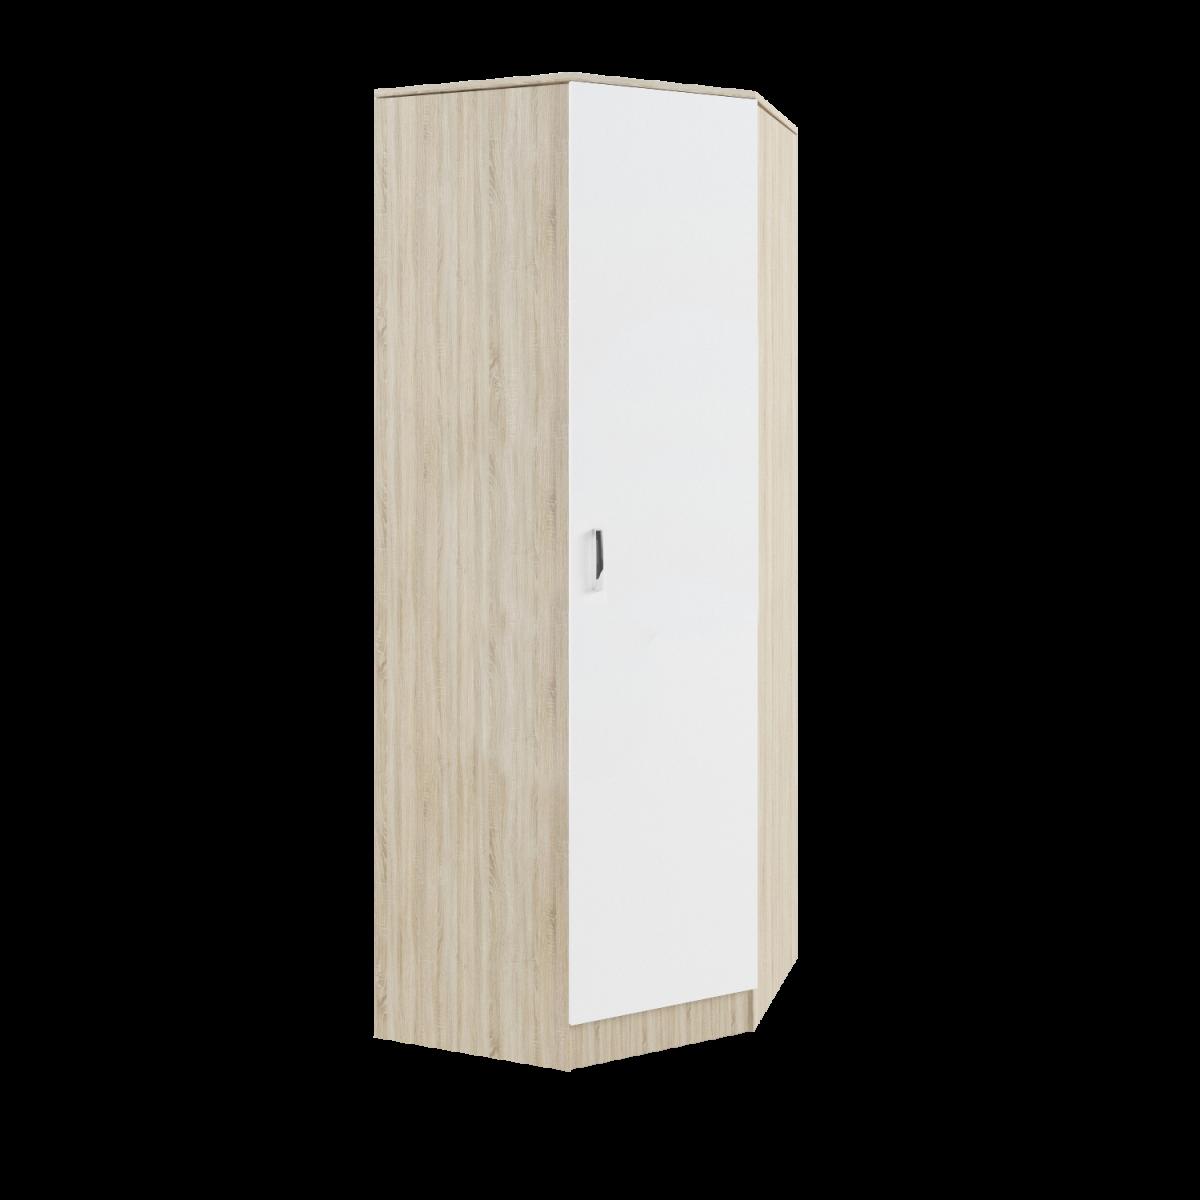 Шкаф угловой Софи СШУ 860.1